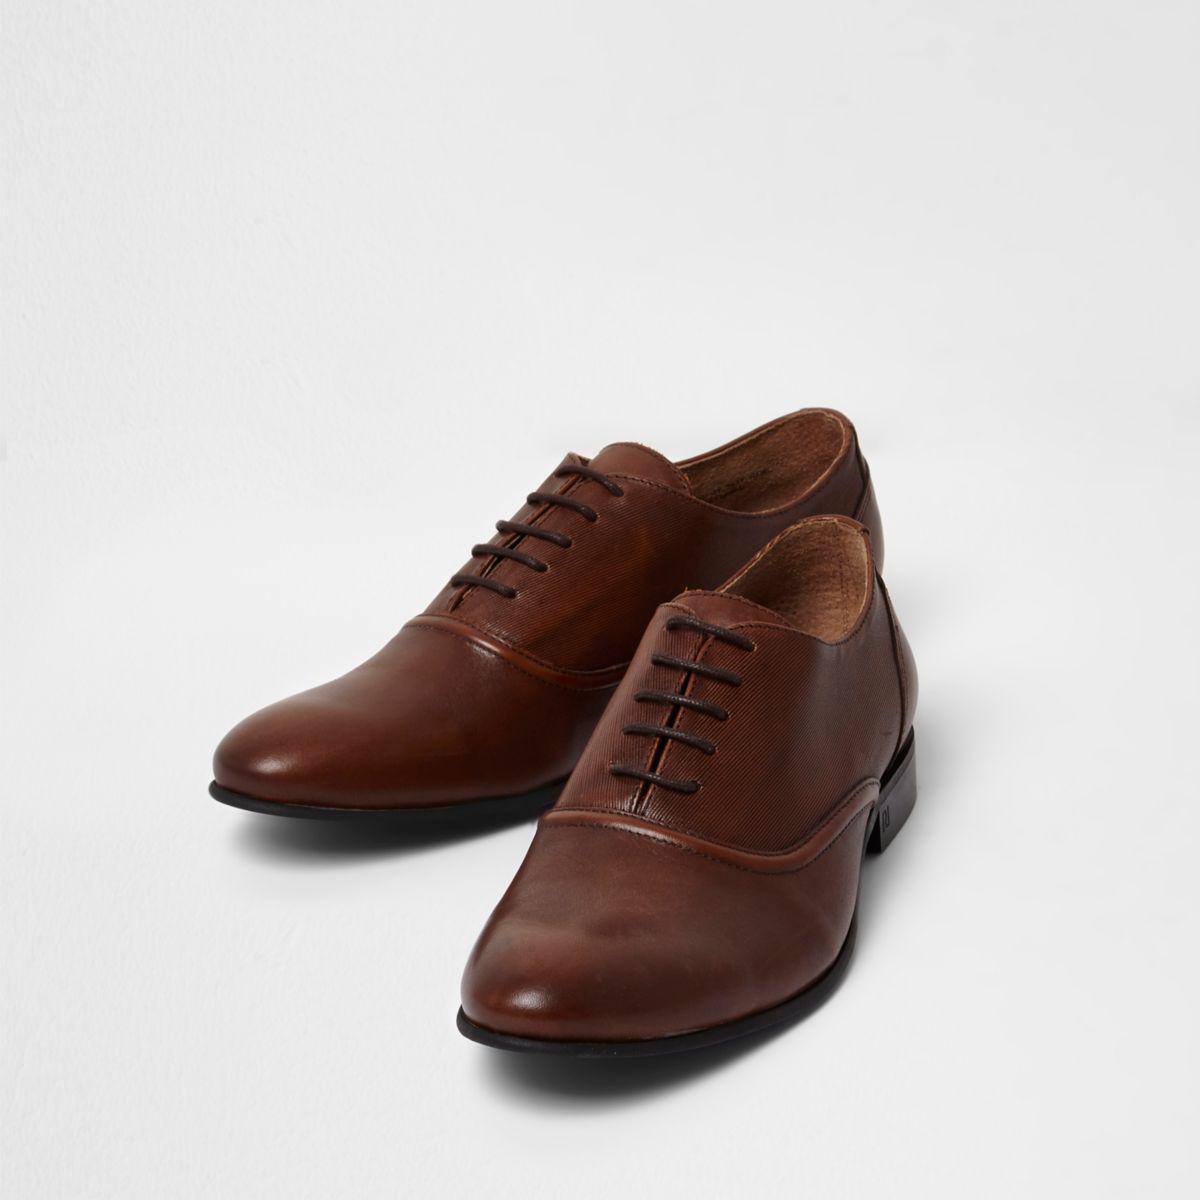 Mens Tan leather toecap lace-up oxford shoes River Island Uze75Jektz